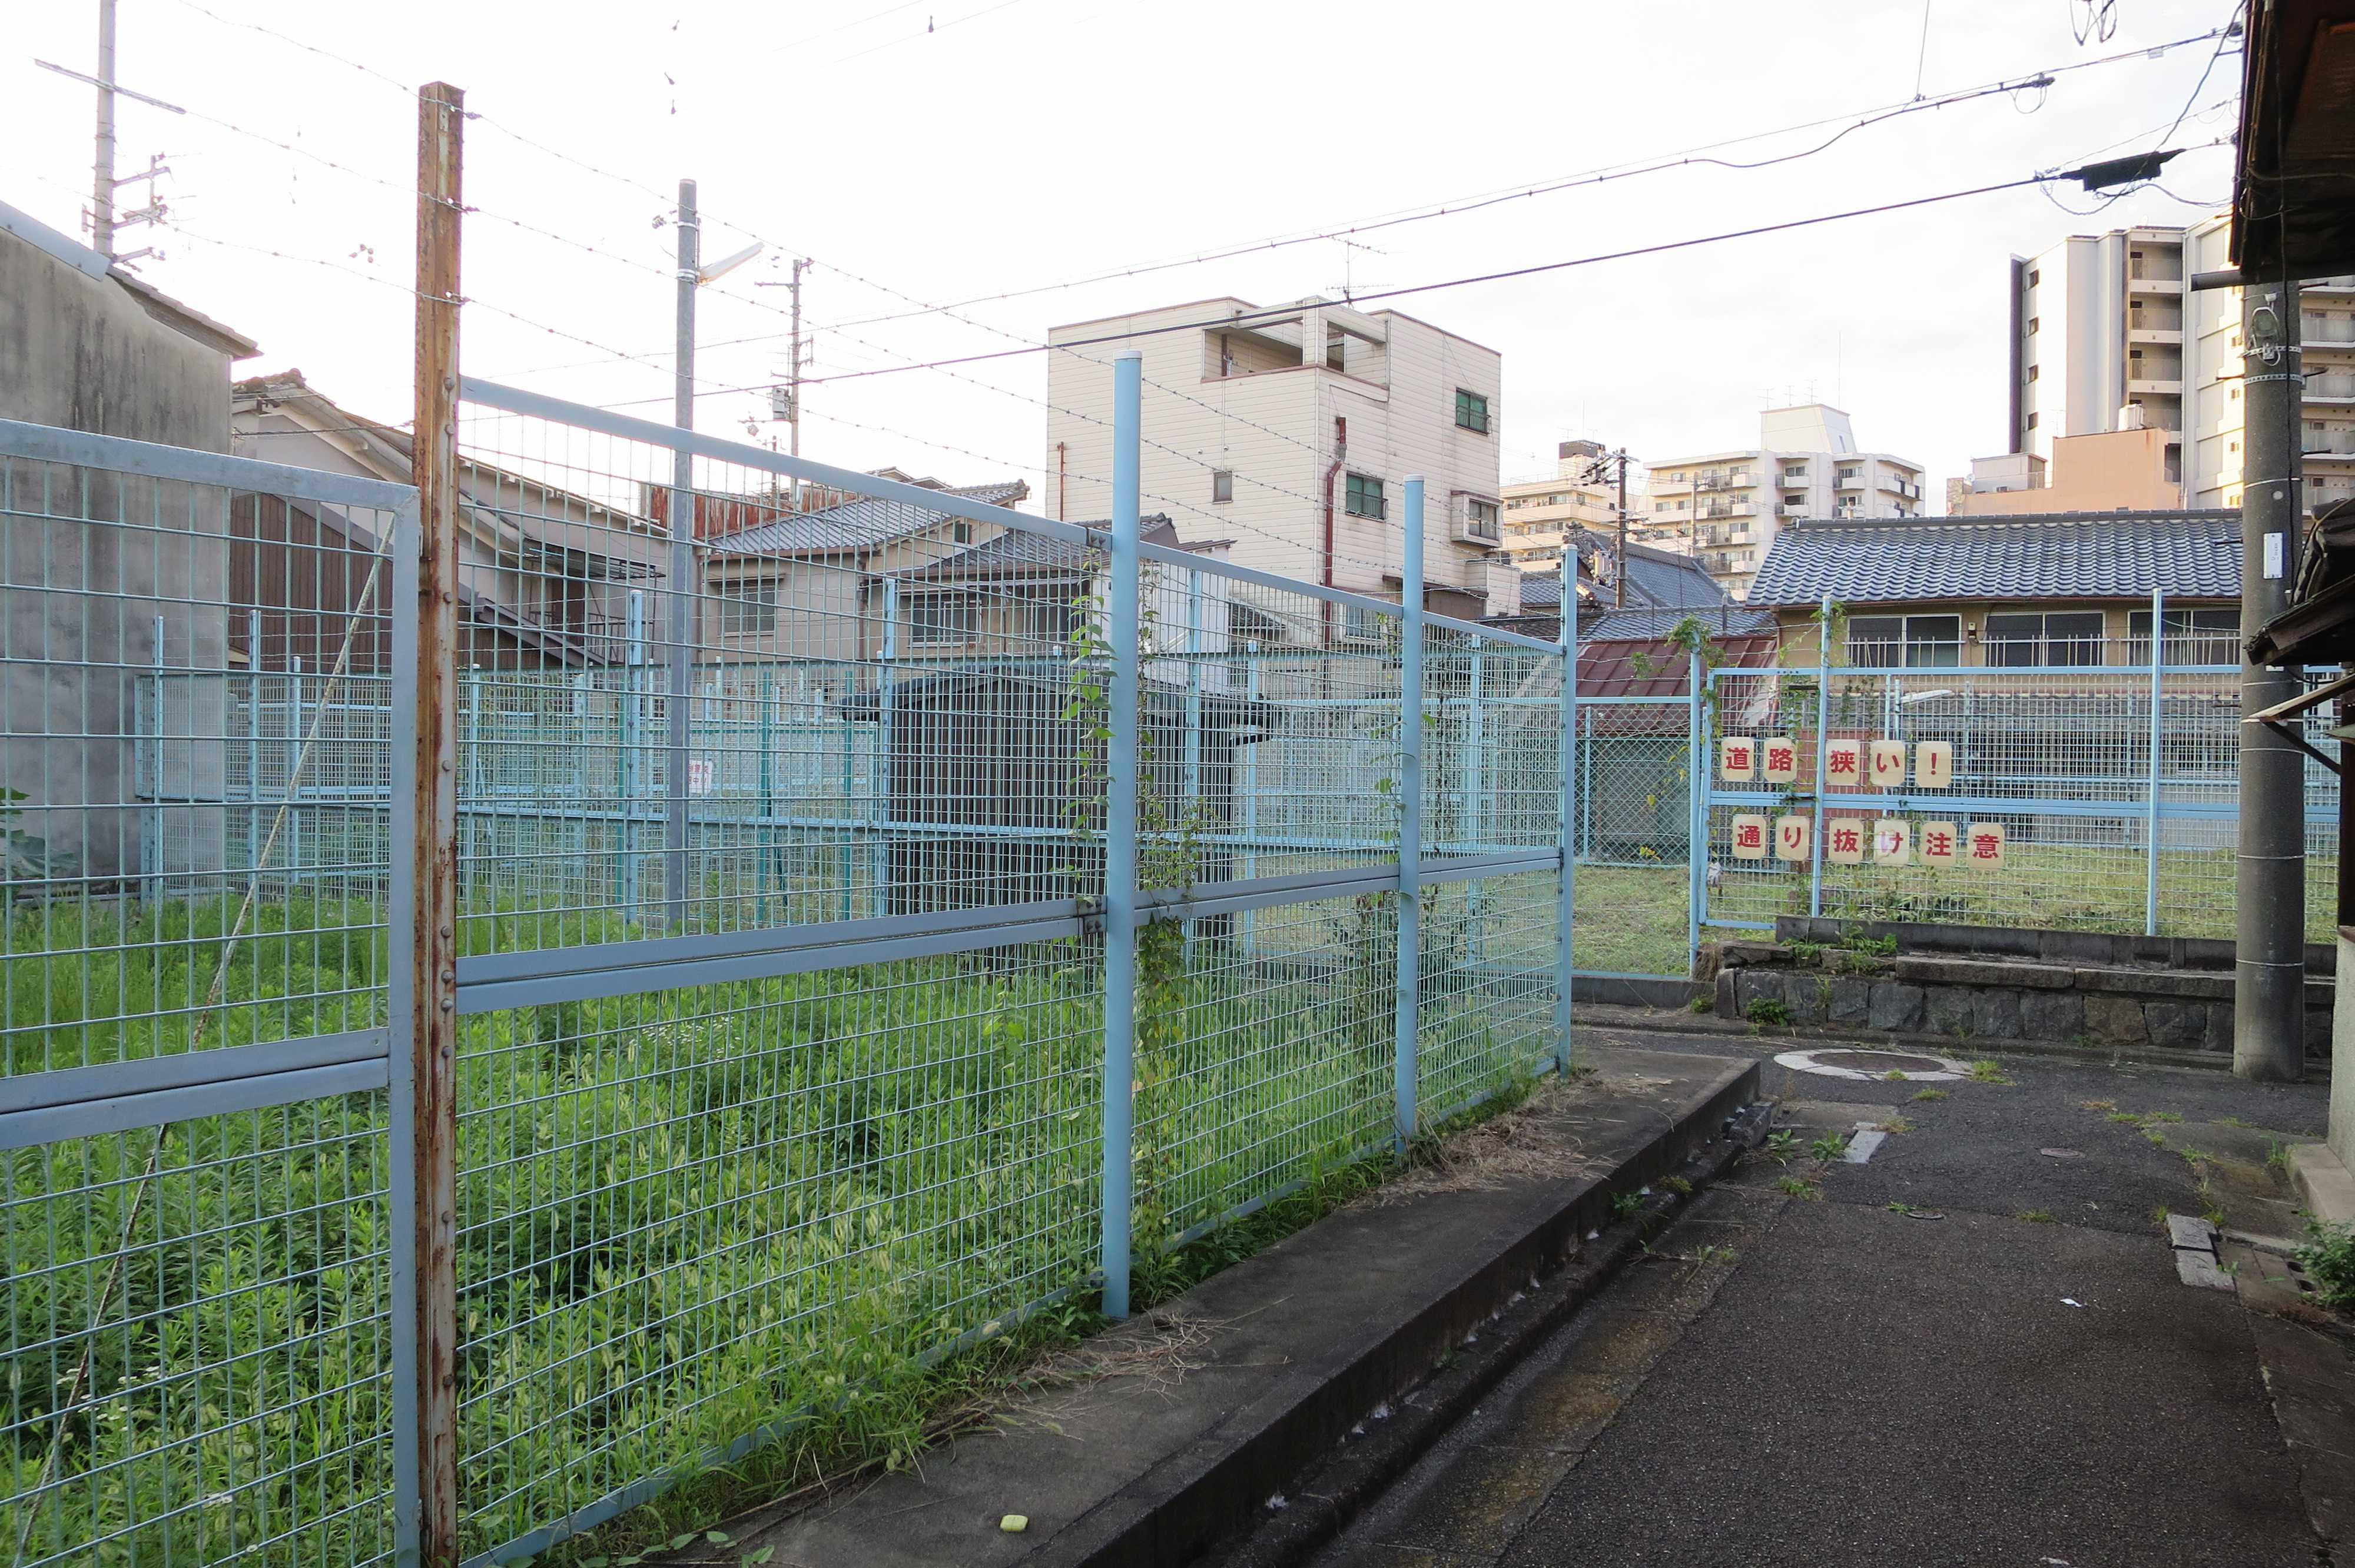 京都・崇仁地区 - 尋常でない雰囲気の街並み